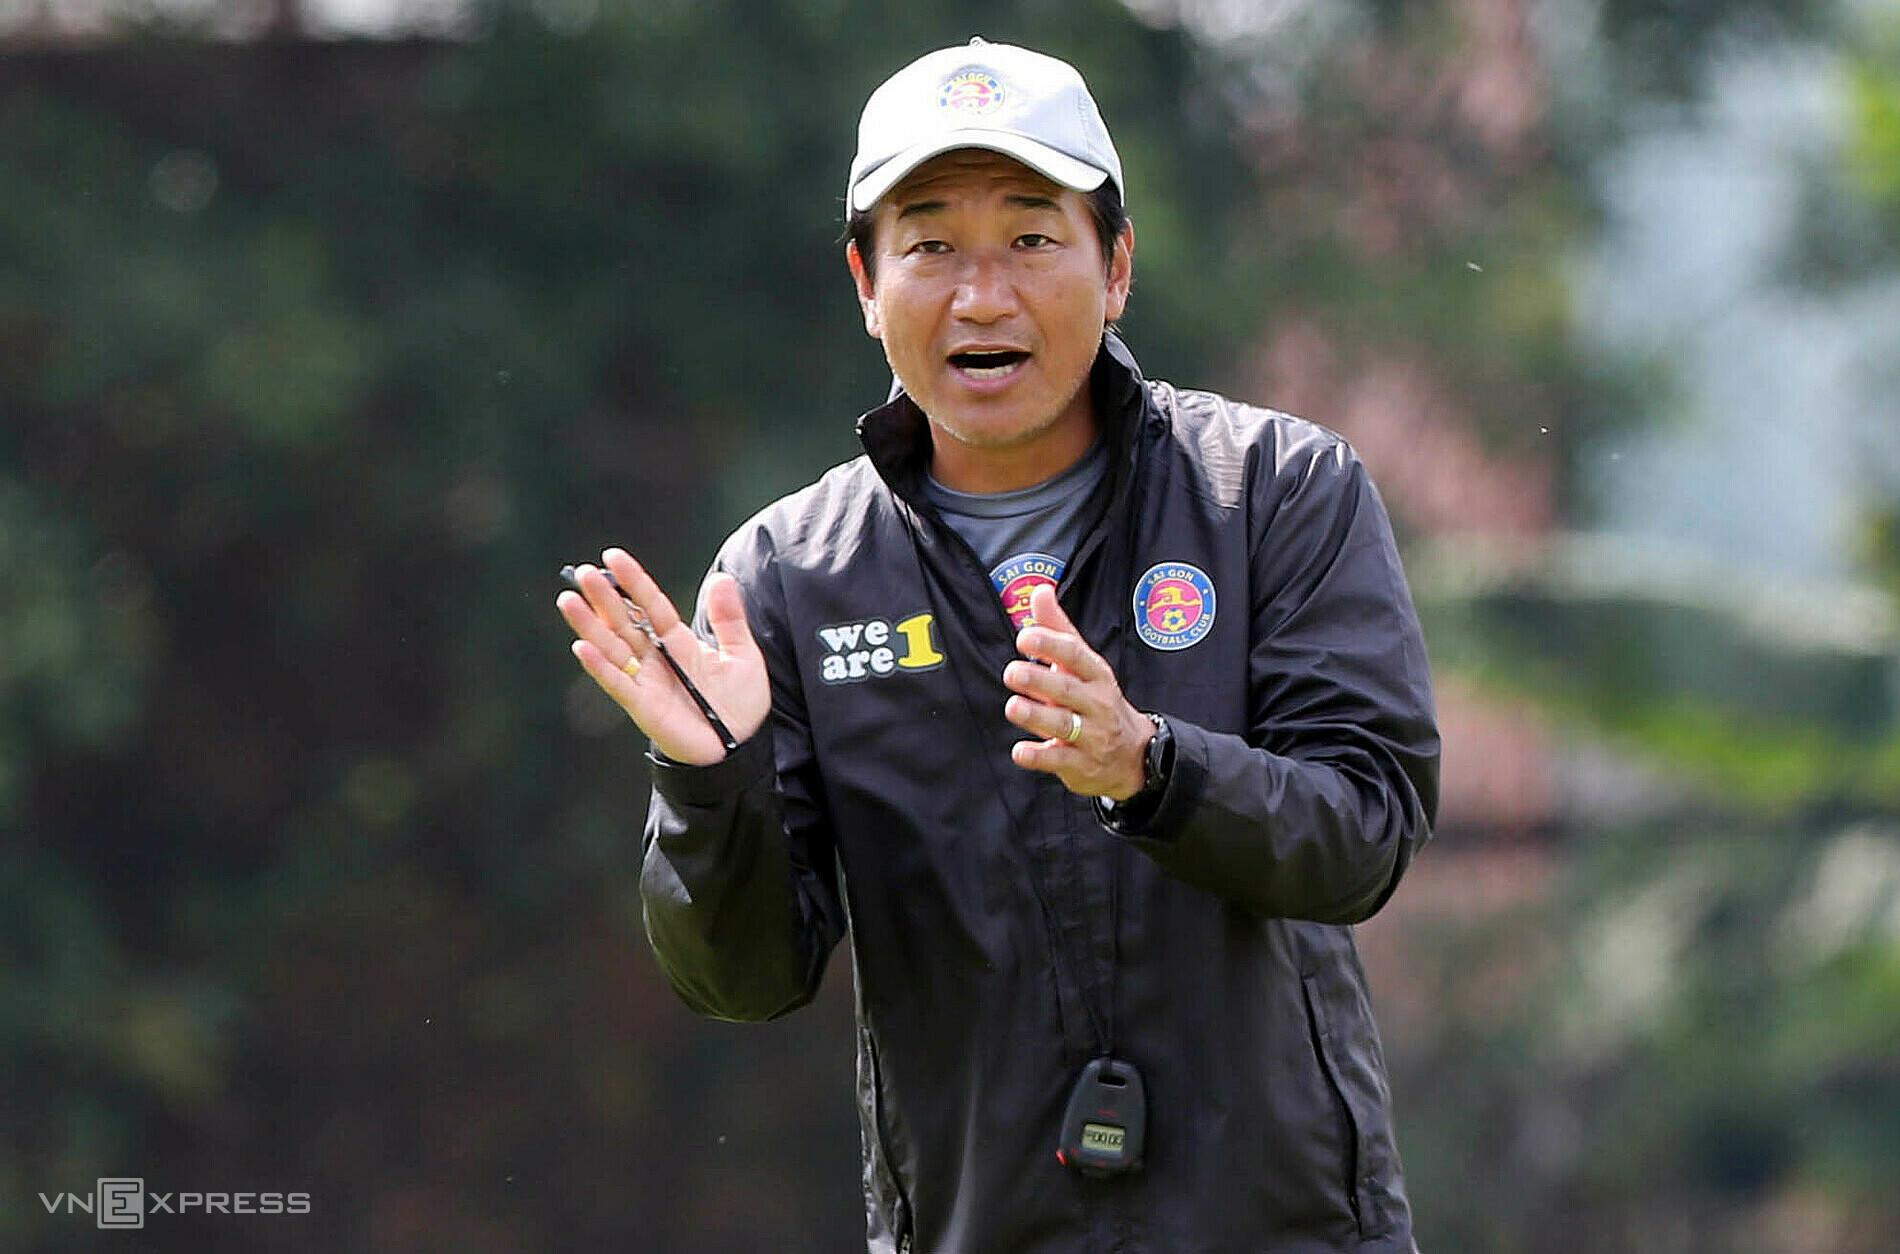 นายชิโมดะมาซาฮิโระสั่งให้นักเตะไซง่อนเอฟซีฝึกซ้อมในฐานะหัวหน้าผู้ฝึกสอนคนใหม่ในเช้าวันที่ 25 กุมภาพันธ์ที่ศูนย์กีฬา Thanh Long  ภาพ: Duc Dong